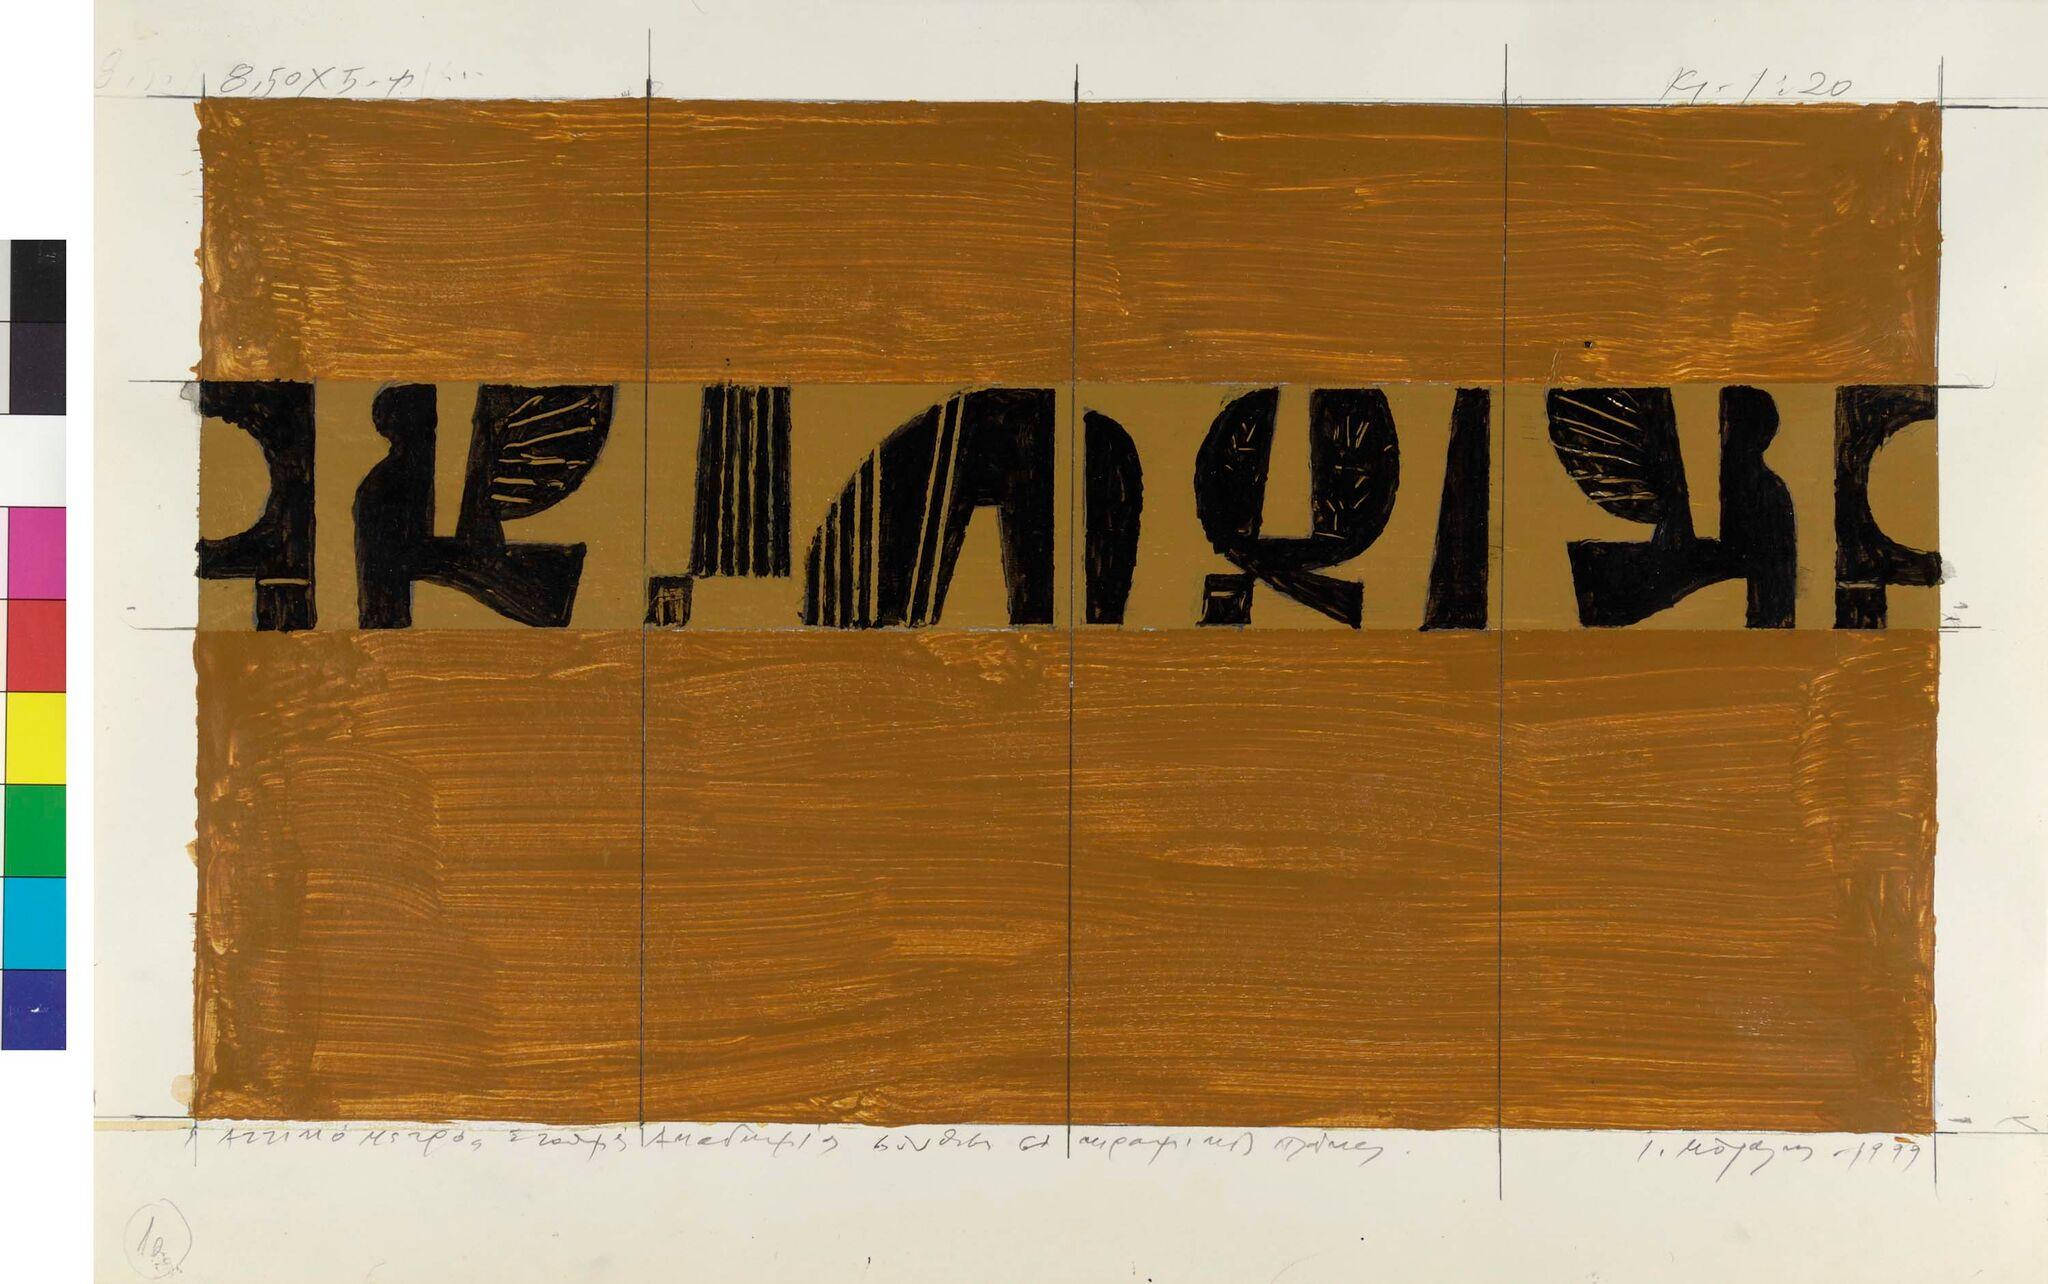 Αττικό Μετρό, Σταθμός Πανεπιστήμιο, Είσοδος οδού Κοραή: Προσχέδιο σύνθεσης, 1999, Αυγό σε χαρτί, Μουσείο Μπενάκη, αρ. ευρ. ΓΕ 45145